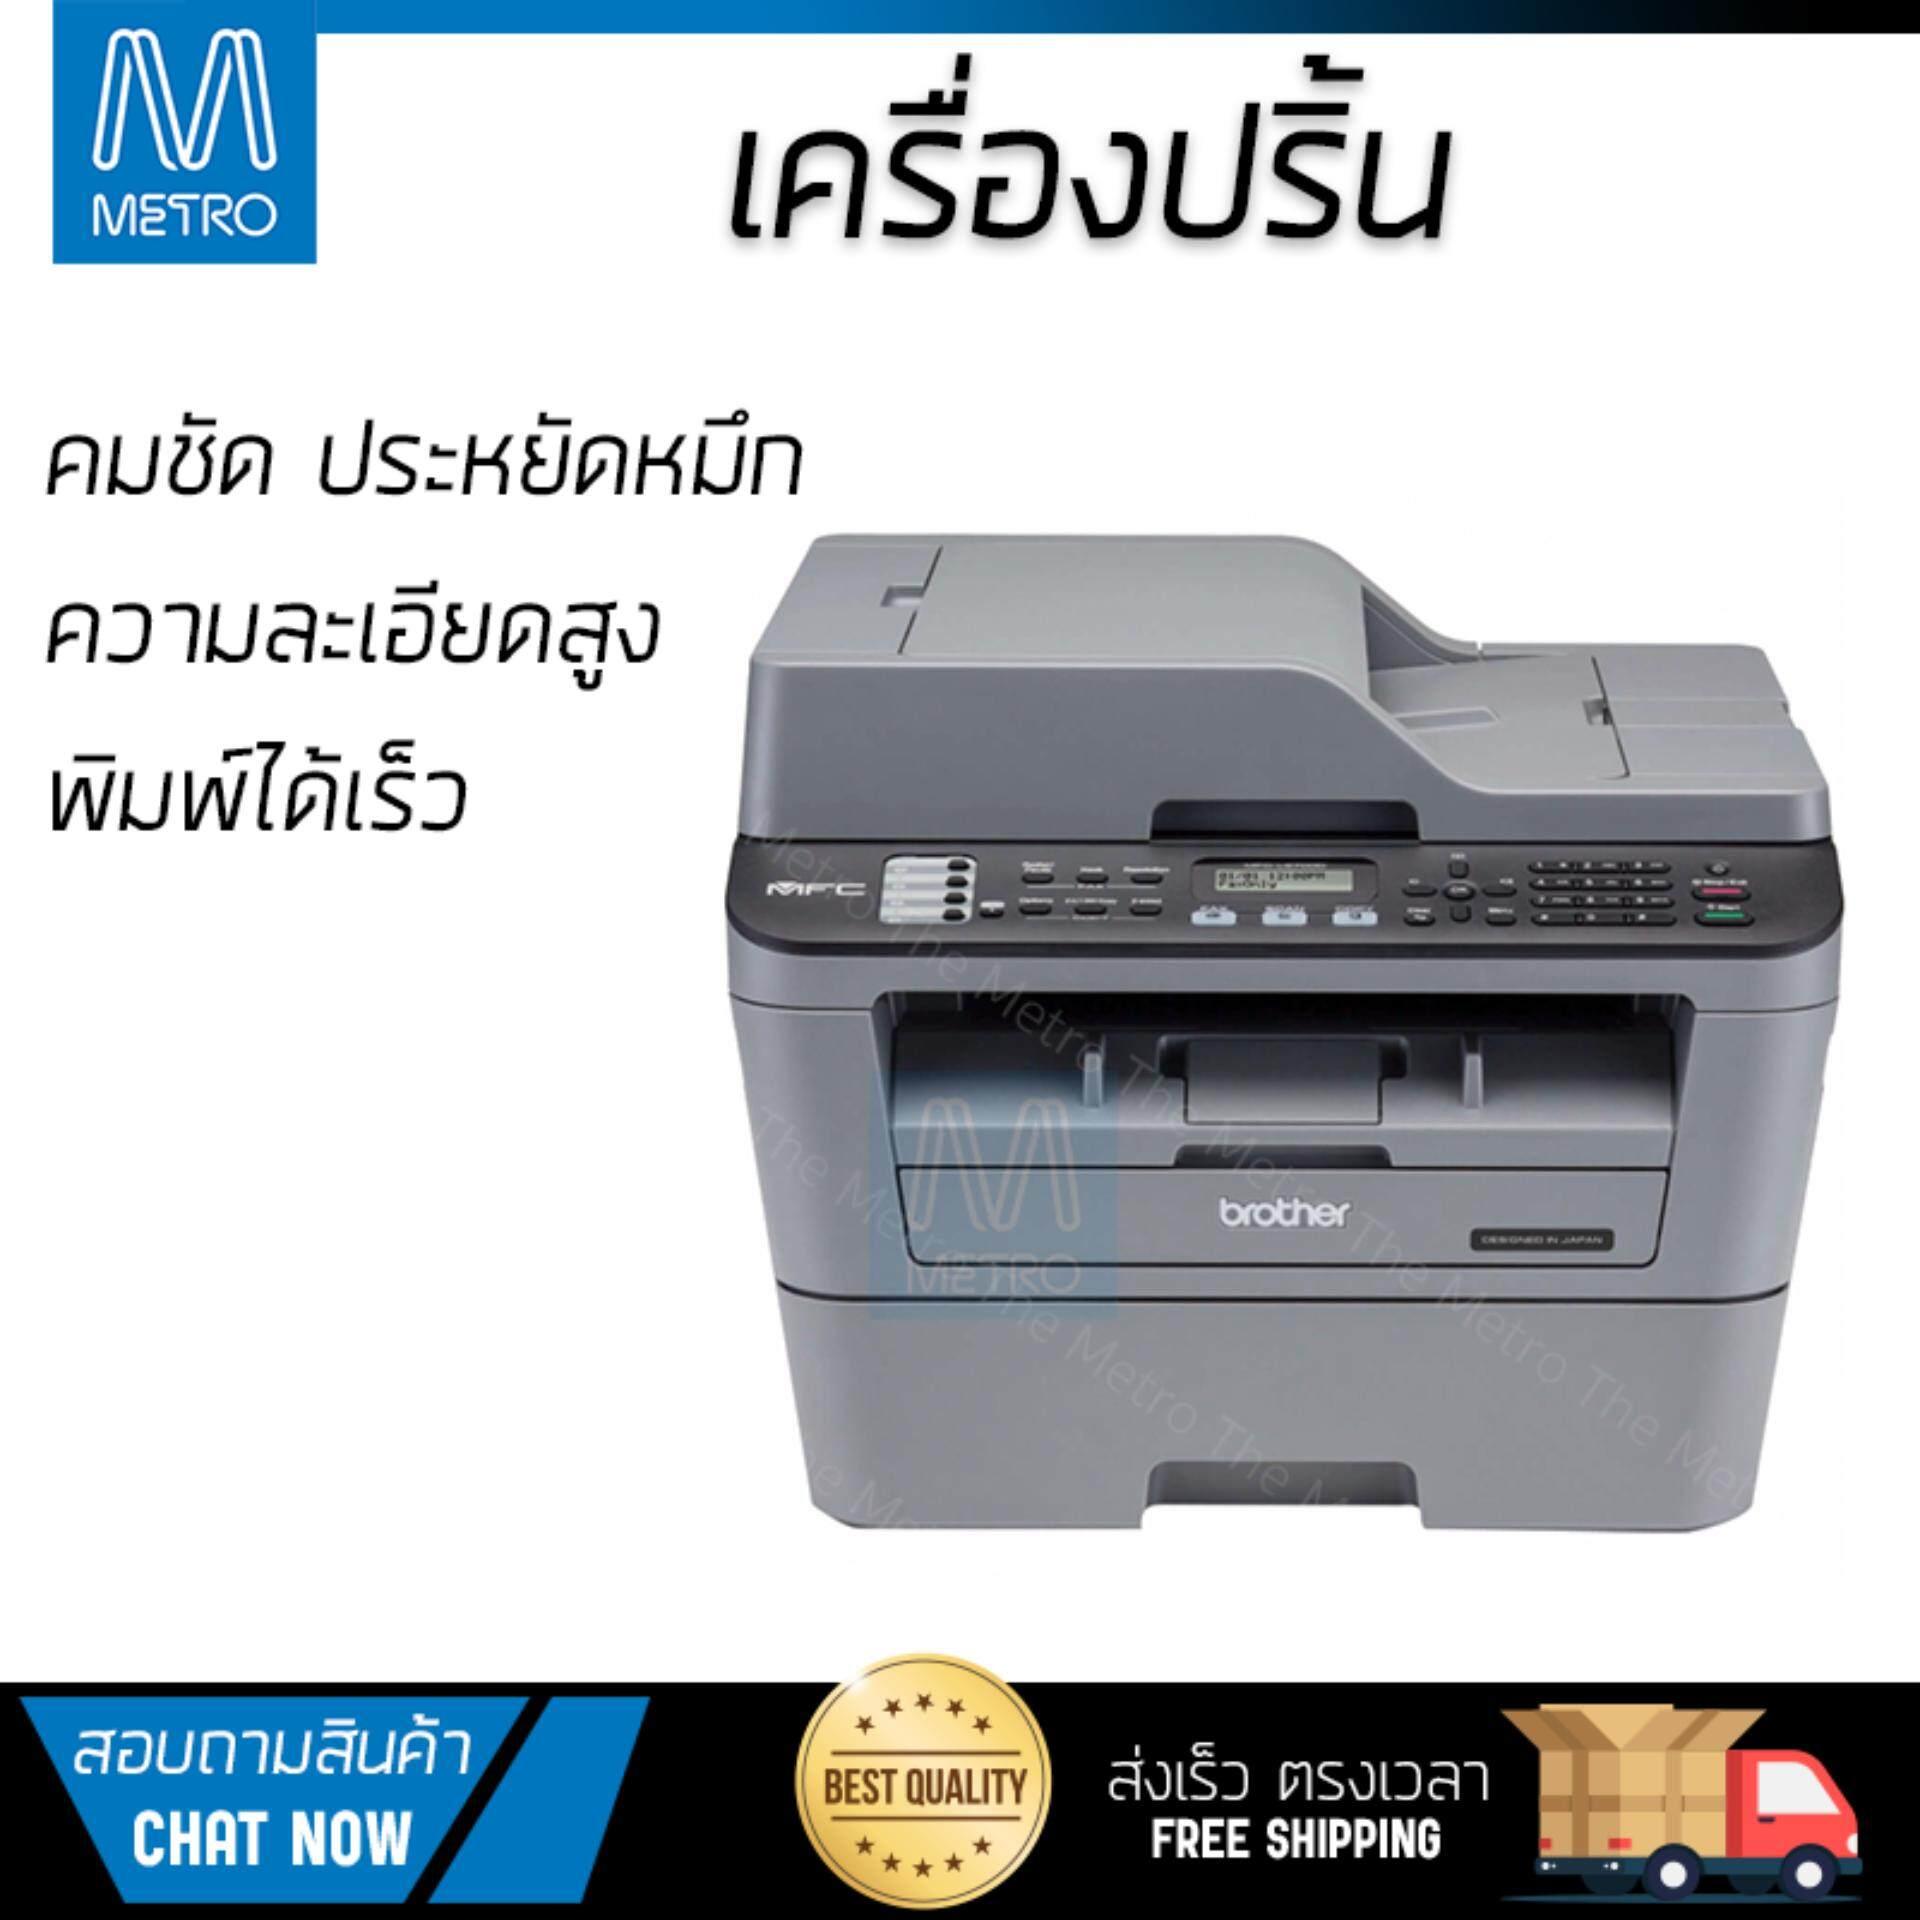 สุดยอดสินค้า!! โปรโมชัน เครื่องพิมพ์เลเซอร์           BROTHER ปริ้นเตอร์มัลติฟังก์ชั่น รุ่น MFC-L2700D             ความละเอียดสูง คมชัด พิมพ์ได้รวดเร็ว เครื่องปริ้น เครื่องปริ้นท์ Laser Printer รับประ